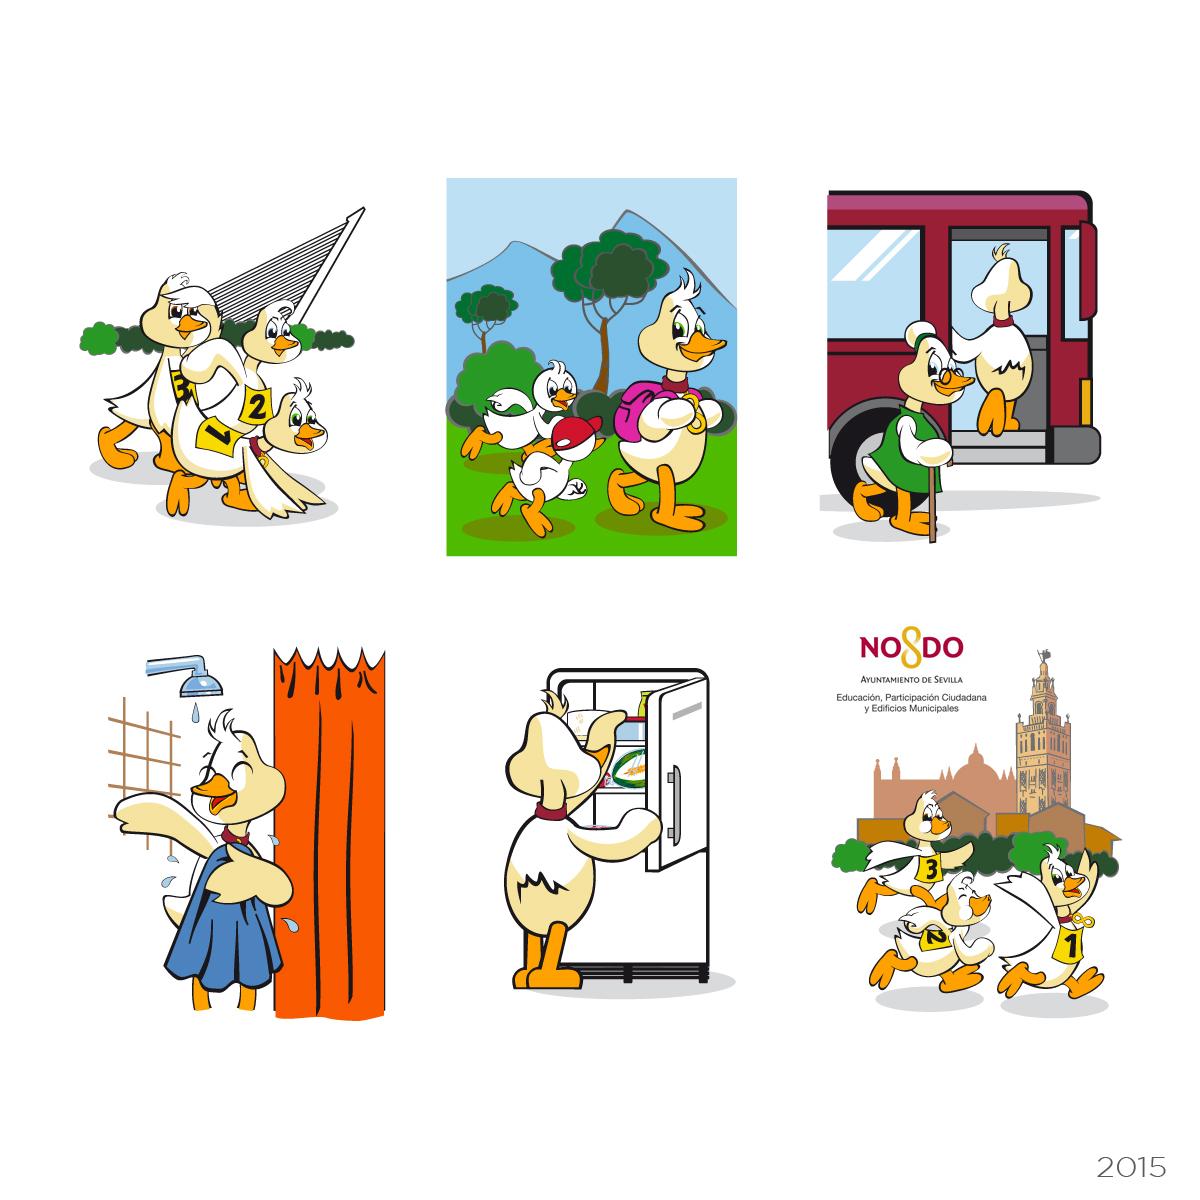 Ilustraciones juego de naipes